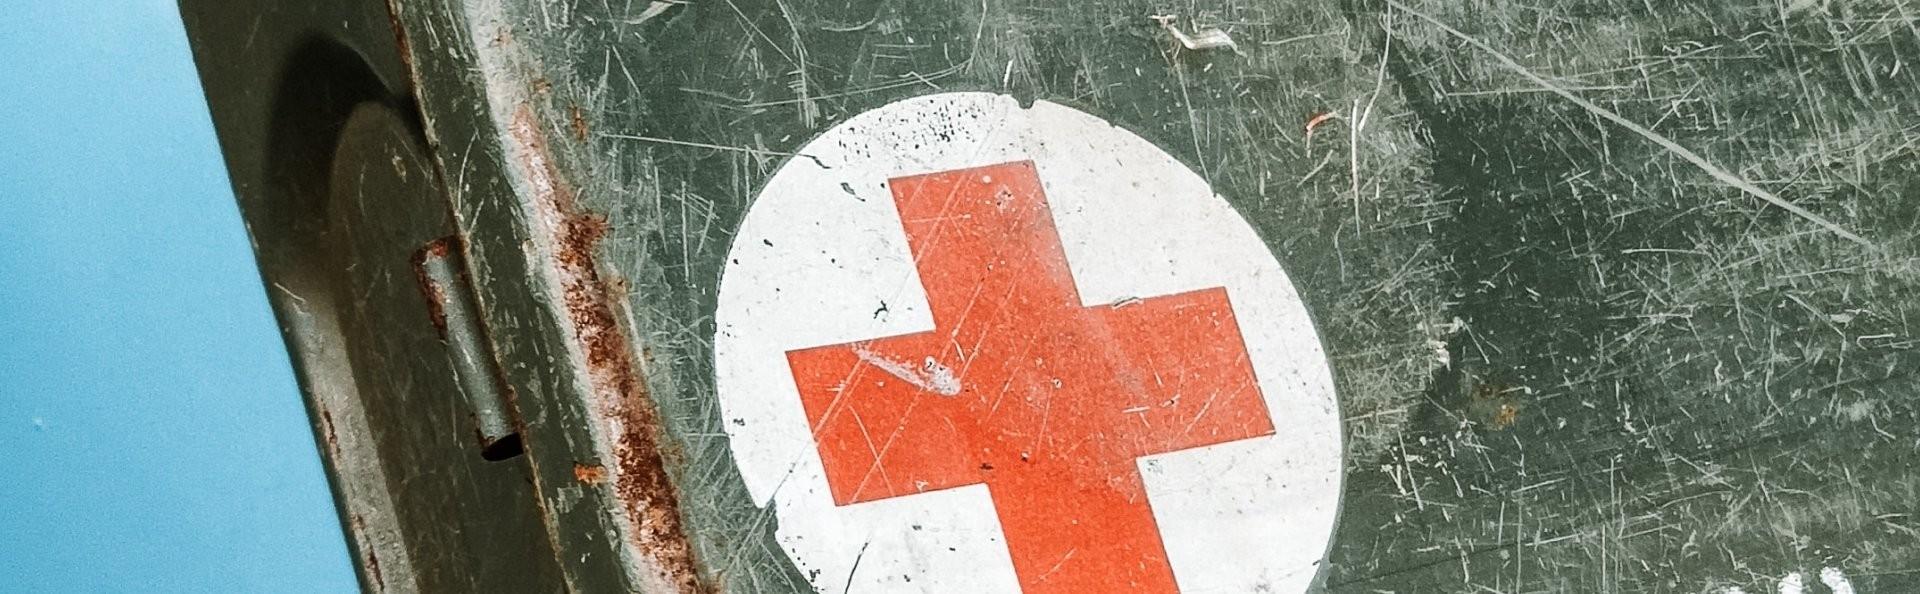 Zentrale Plattform zur Warenbestandsverwaltung von Rettungswachen